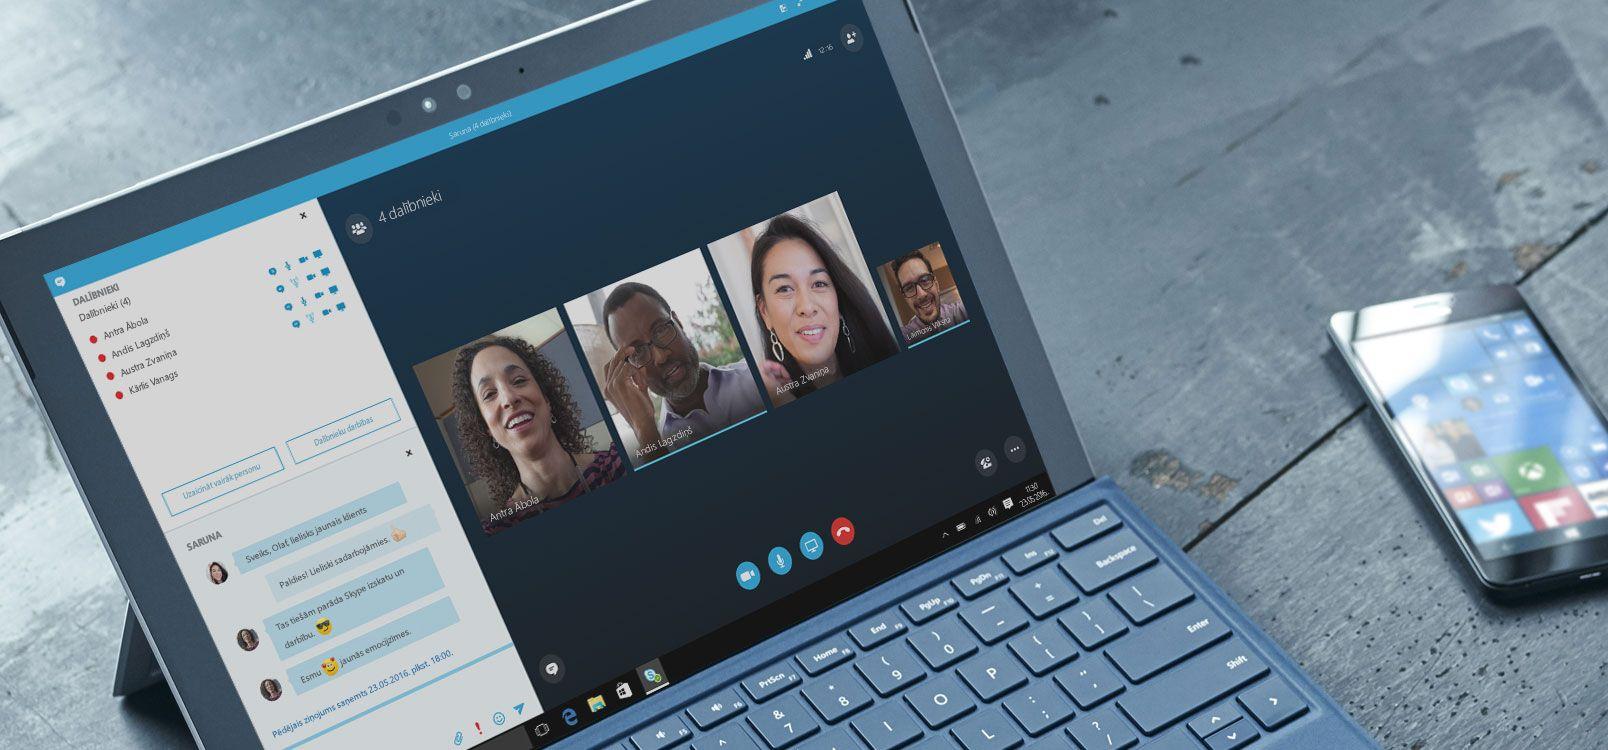 Sieviete izmanto pakalpojumu Office365 planšetdatorā un viedtālrunī kopīgā darbā ar dokumentiem.